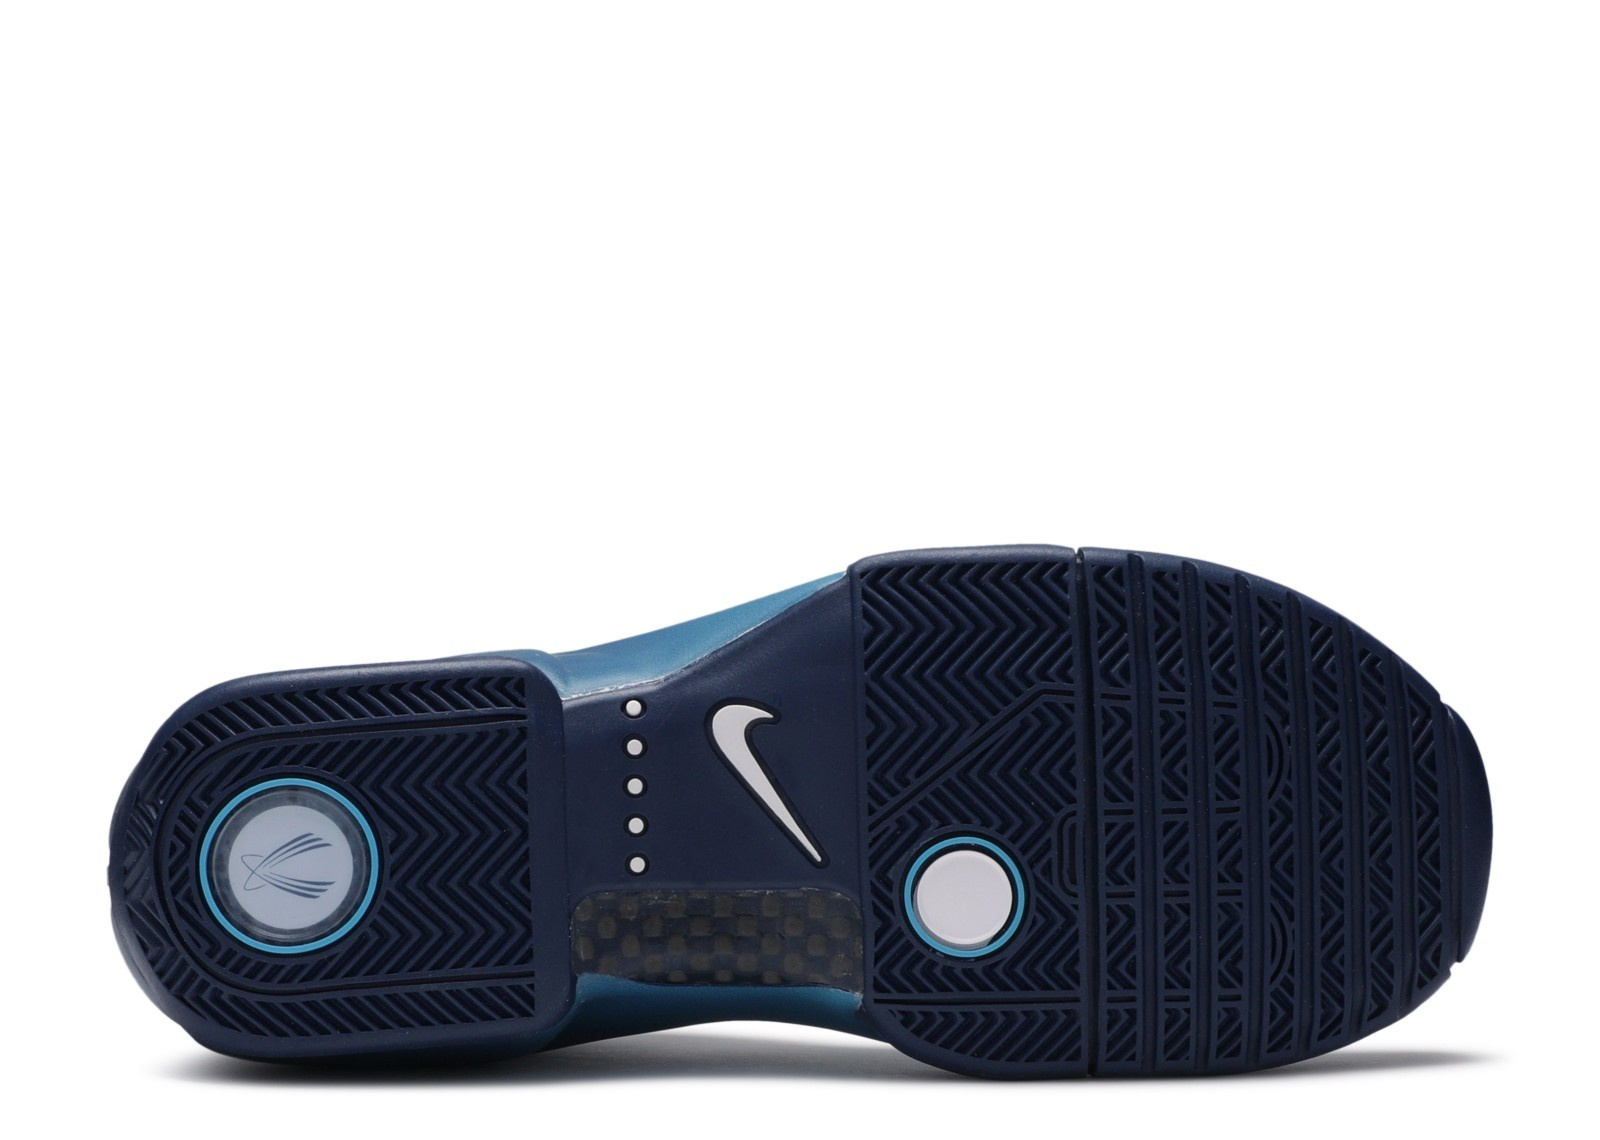 Nike Air Flightposite Sneakers, blauw